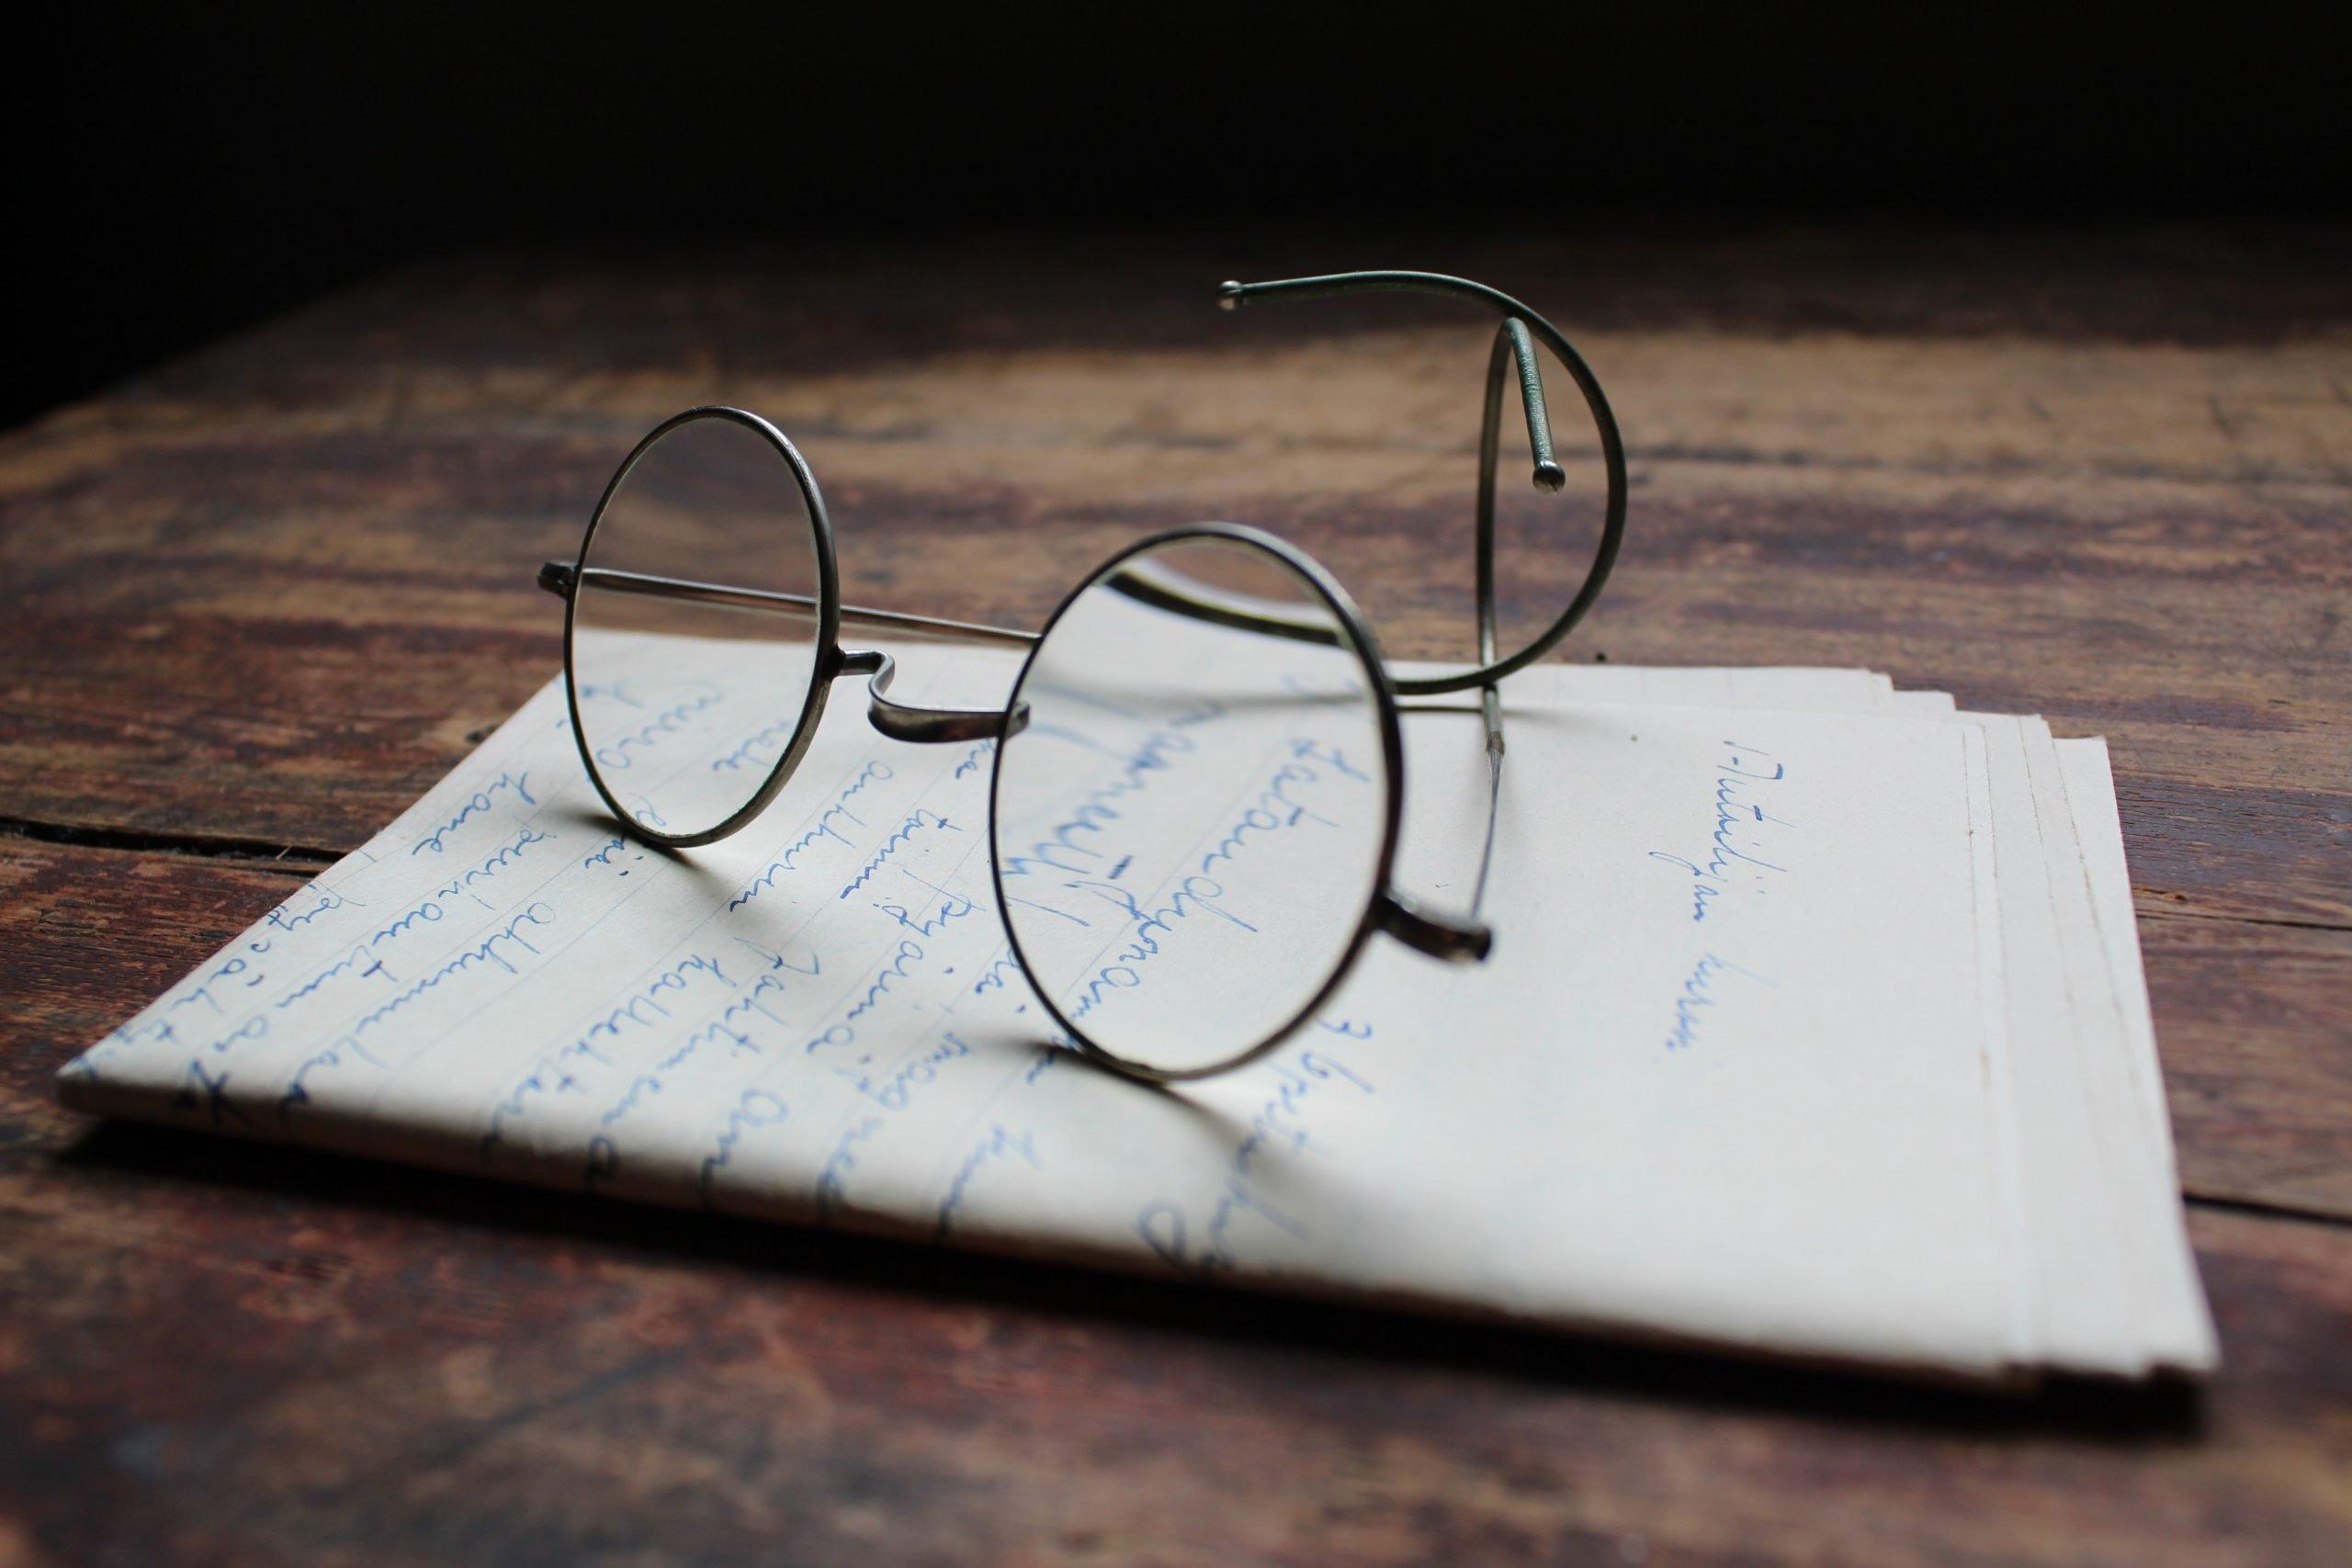 lunettes sur une lettre manuscrite c'est dur de vieillir